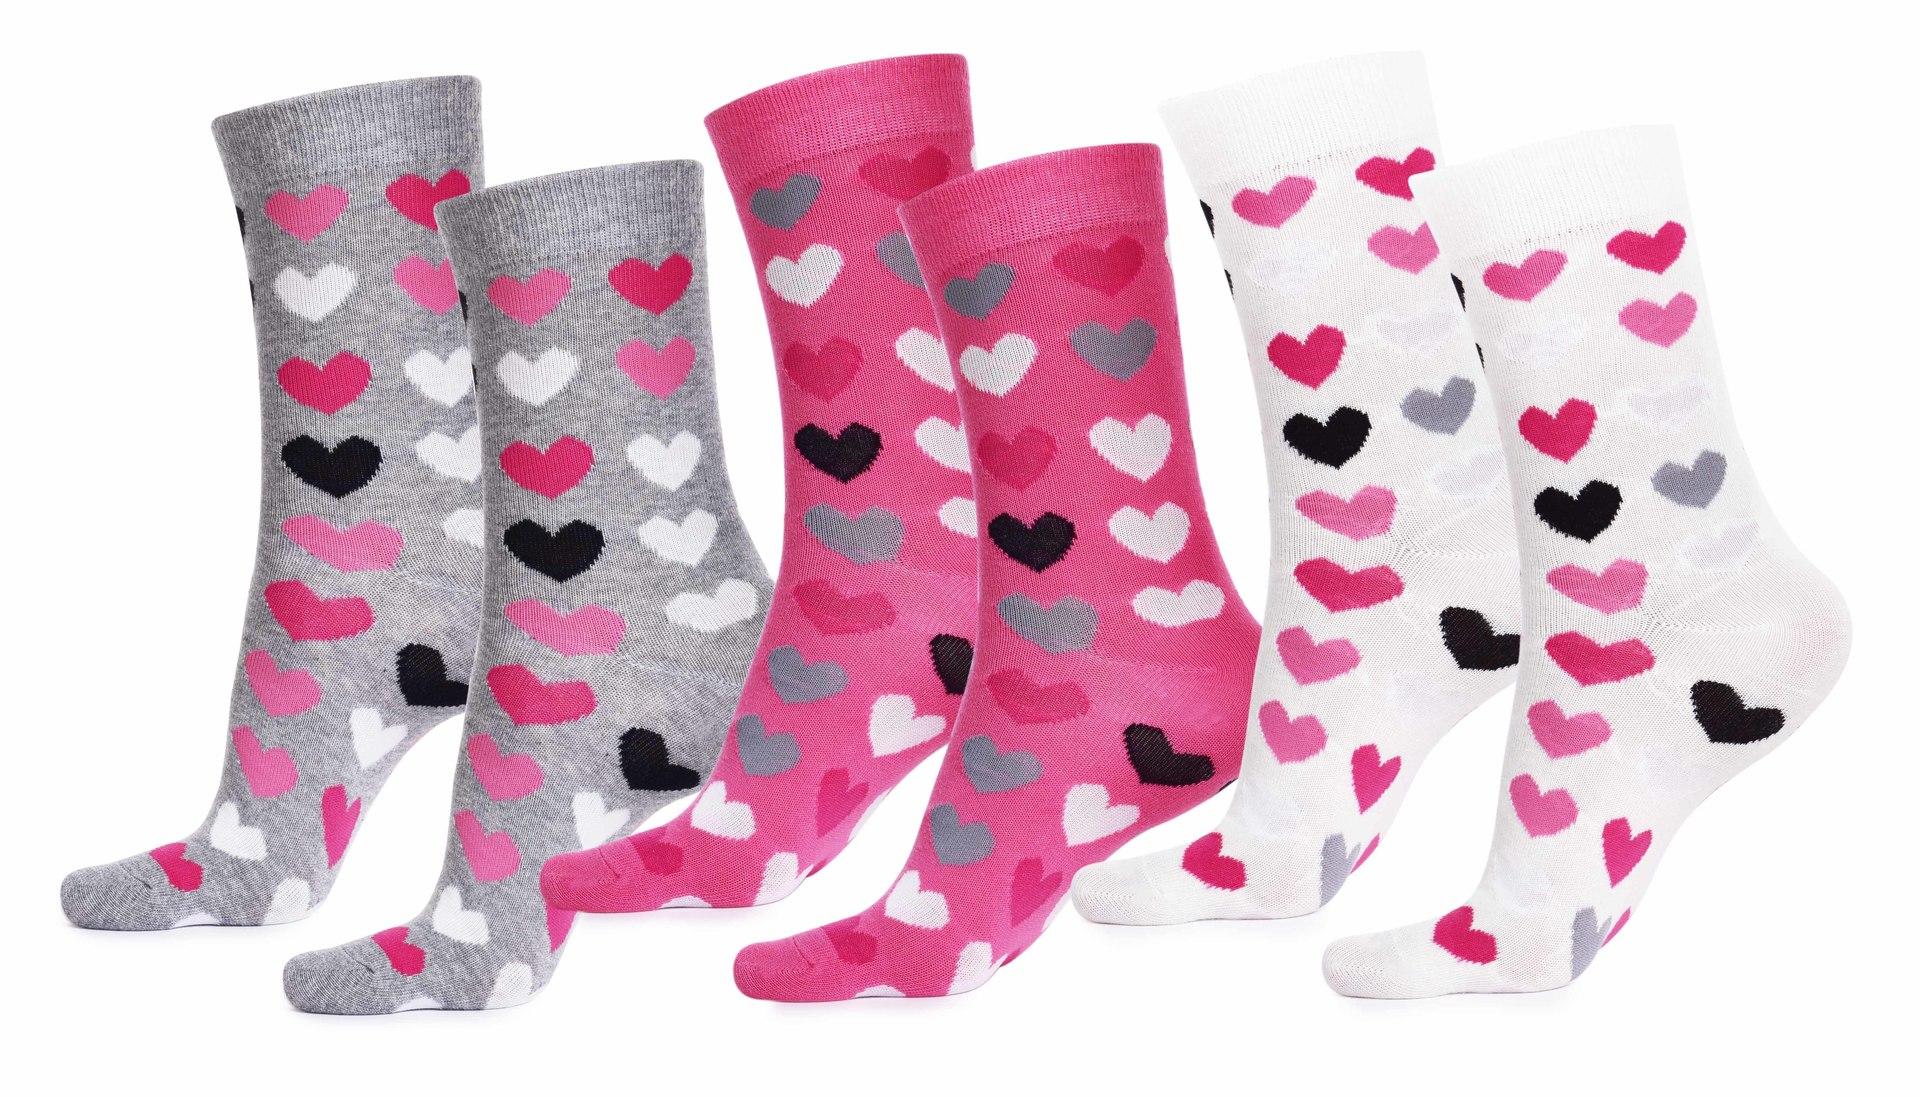 Sada 3 párů dámských ponožek REBELS, srdíčka